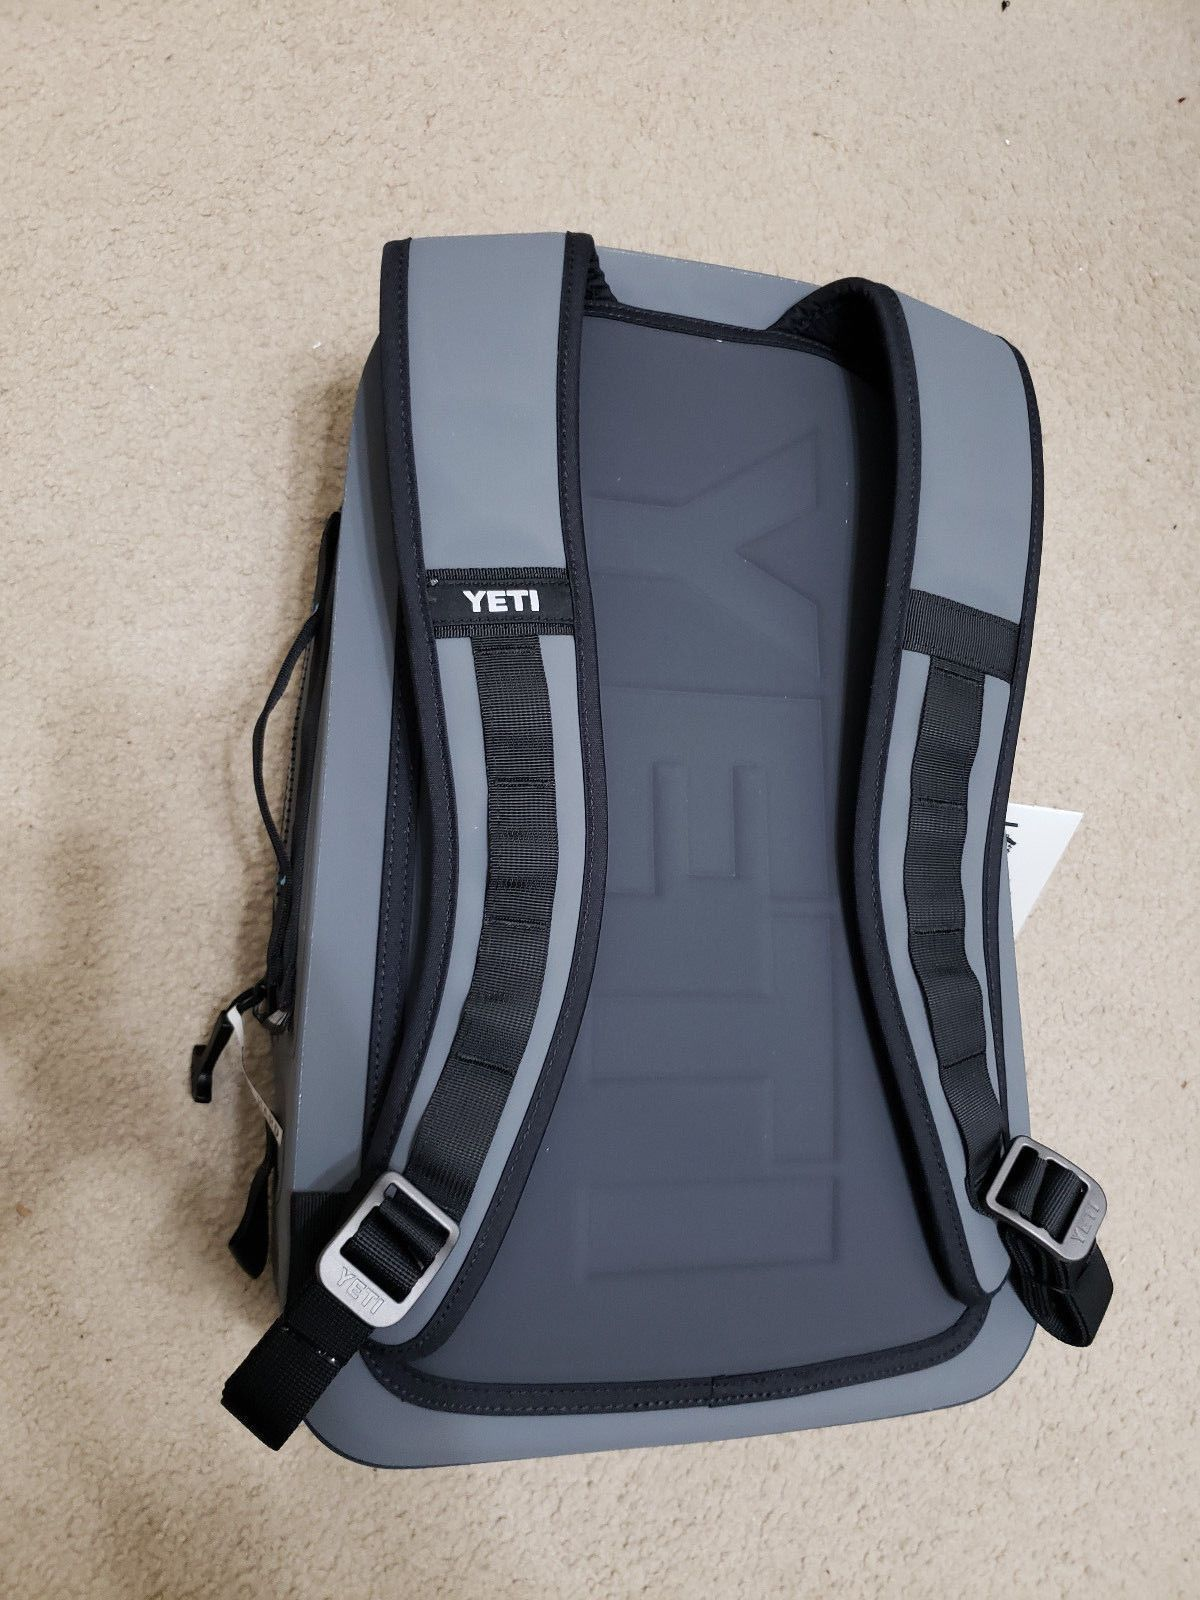 Brand New YETI Panga 28 Waterproof Submersible Backpack